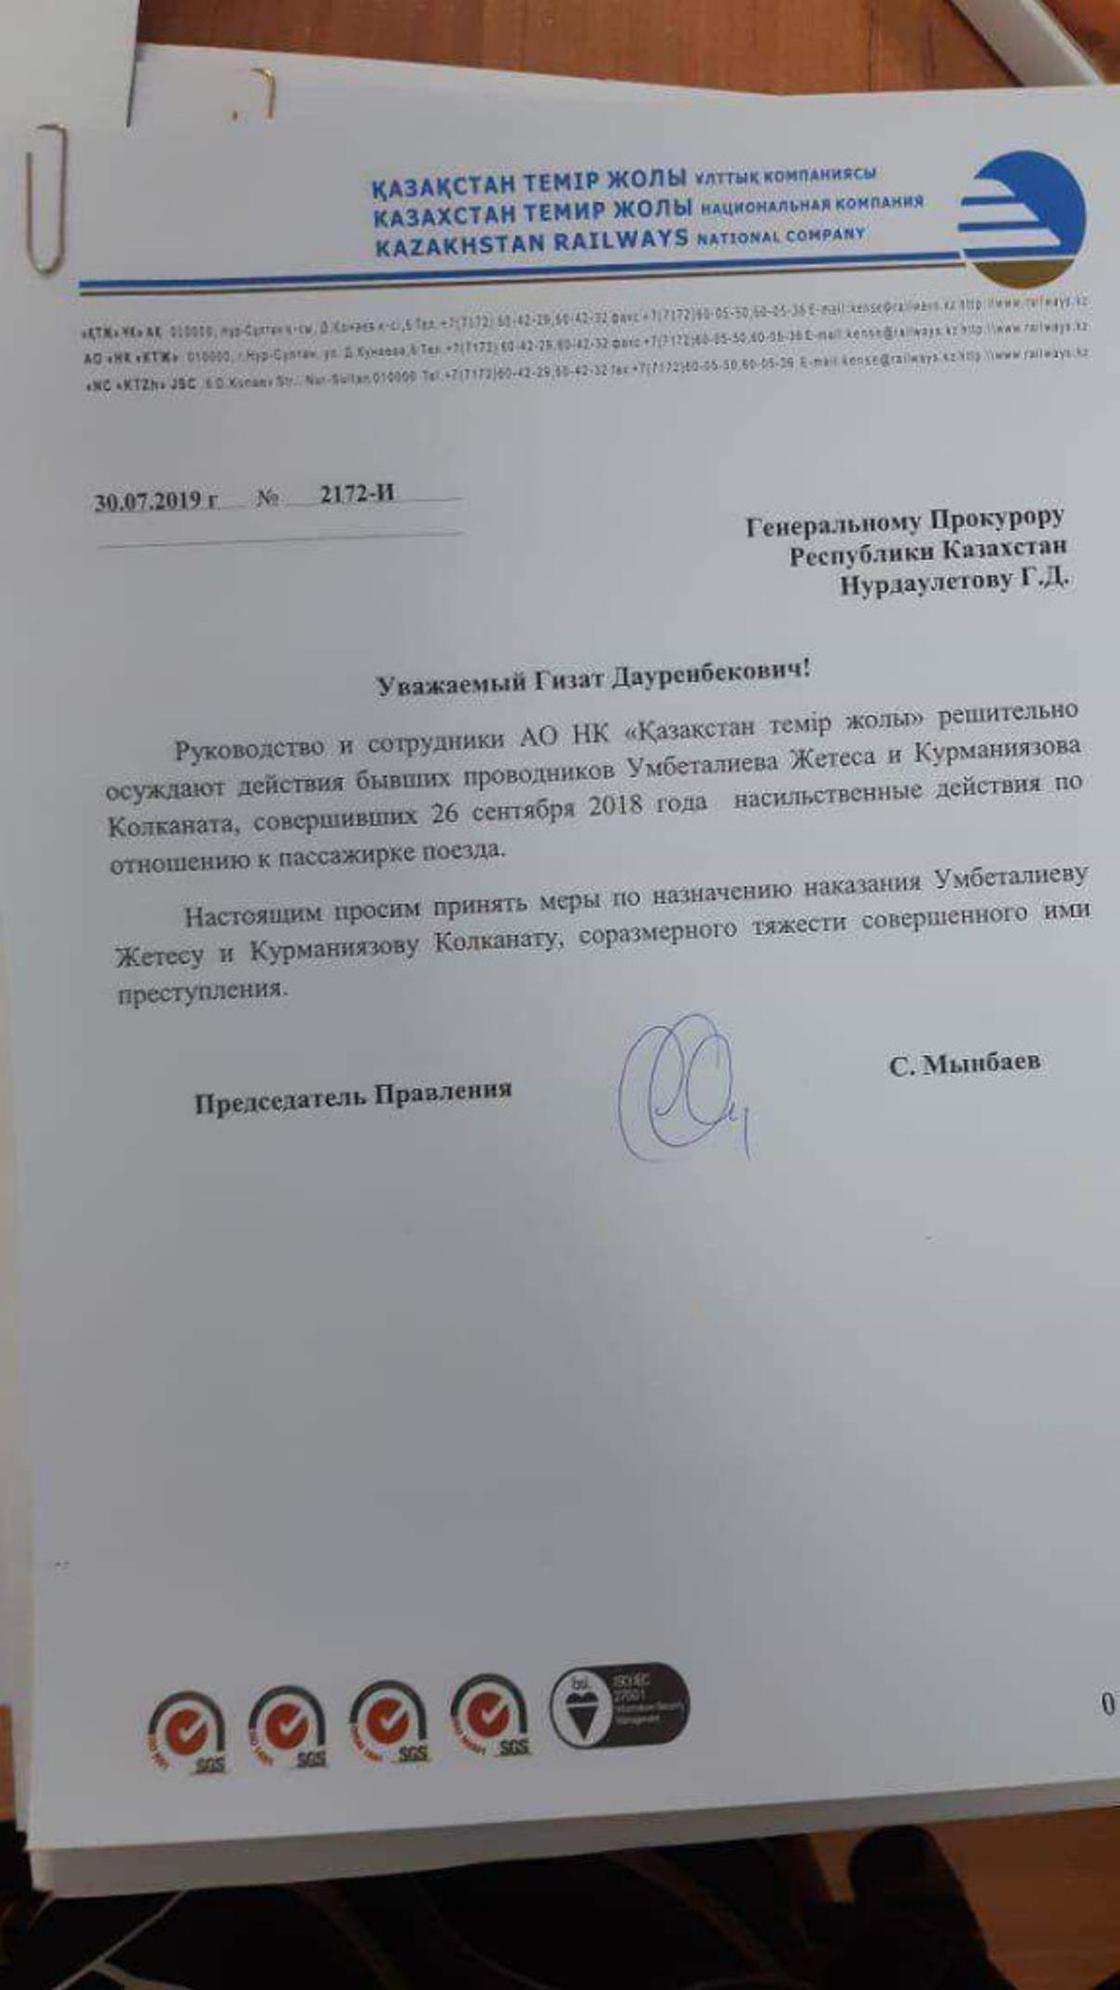 Изнасилование в «Тальго»: Мынбаев обратился к генпрокурору